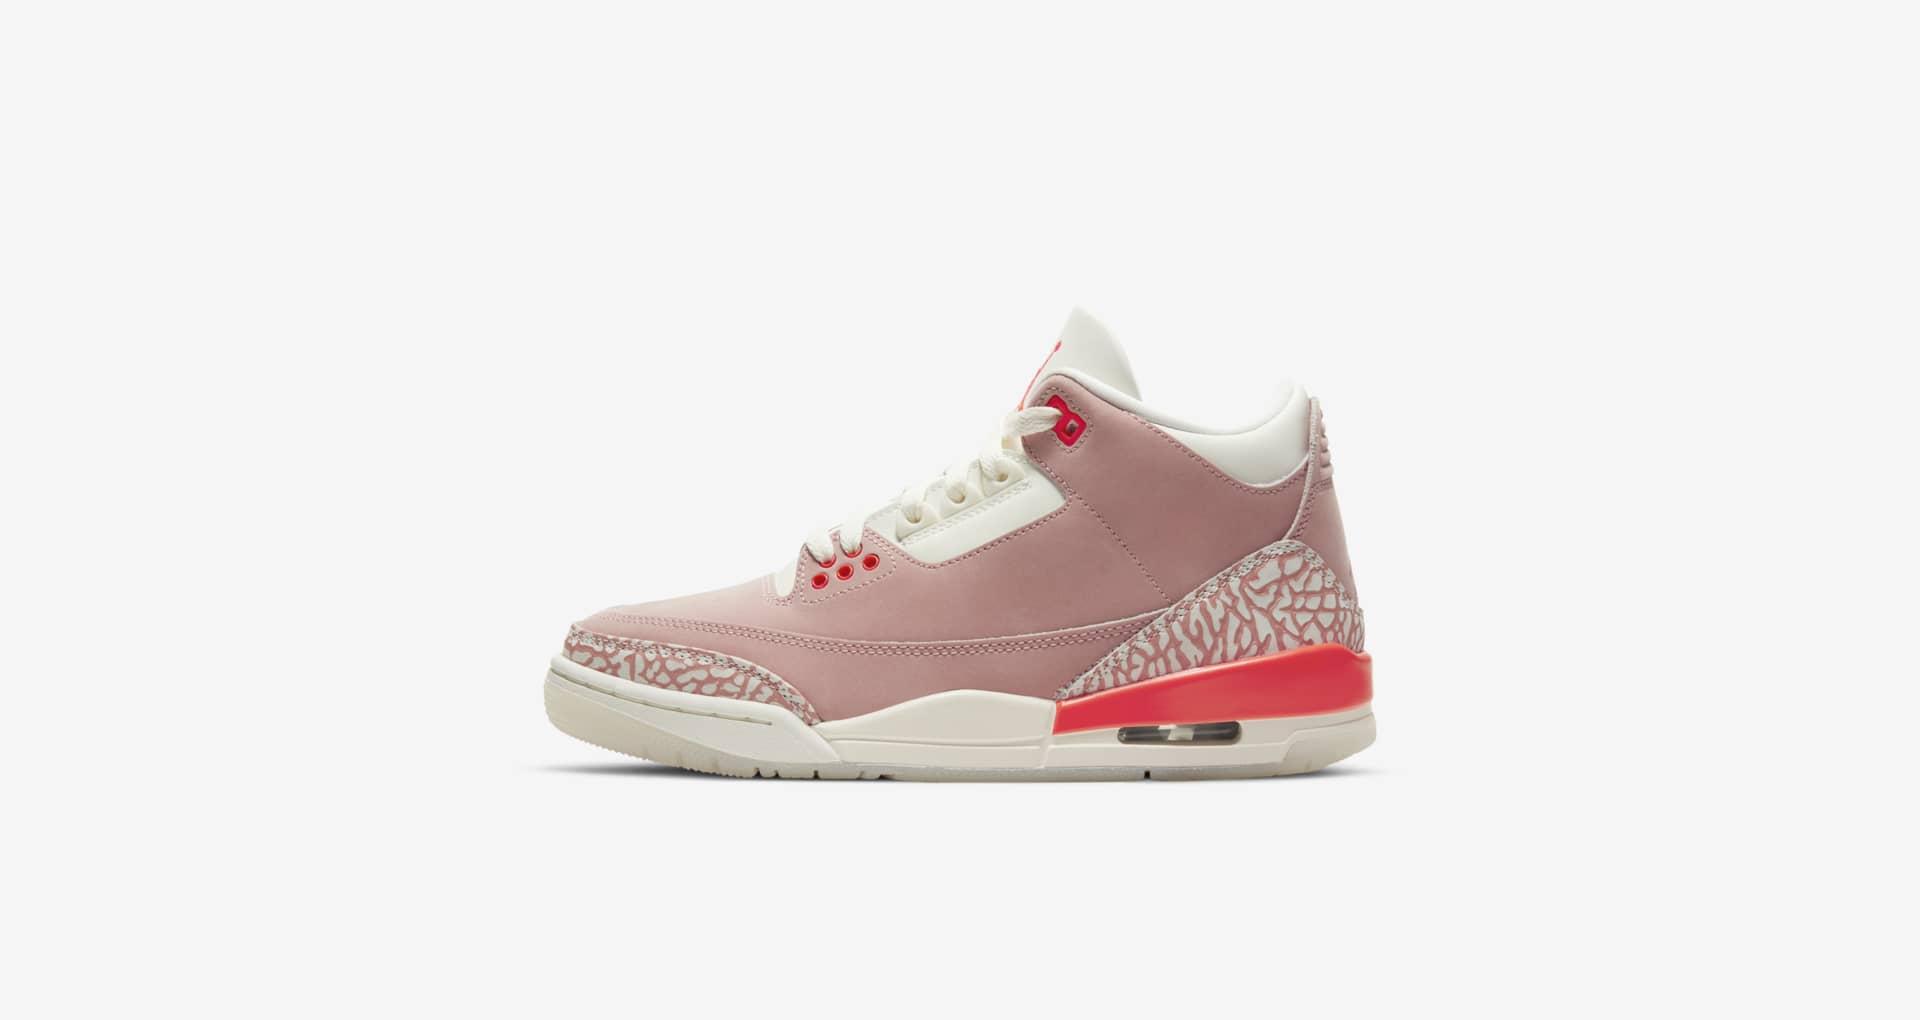 Nike,Air Jordan 3,AJ3  猛男必备!「骚粉」AJ3 上架 SNKRS!但是......